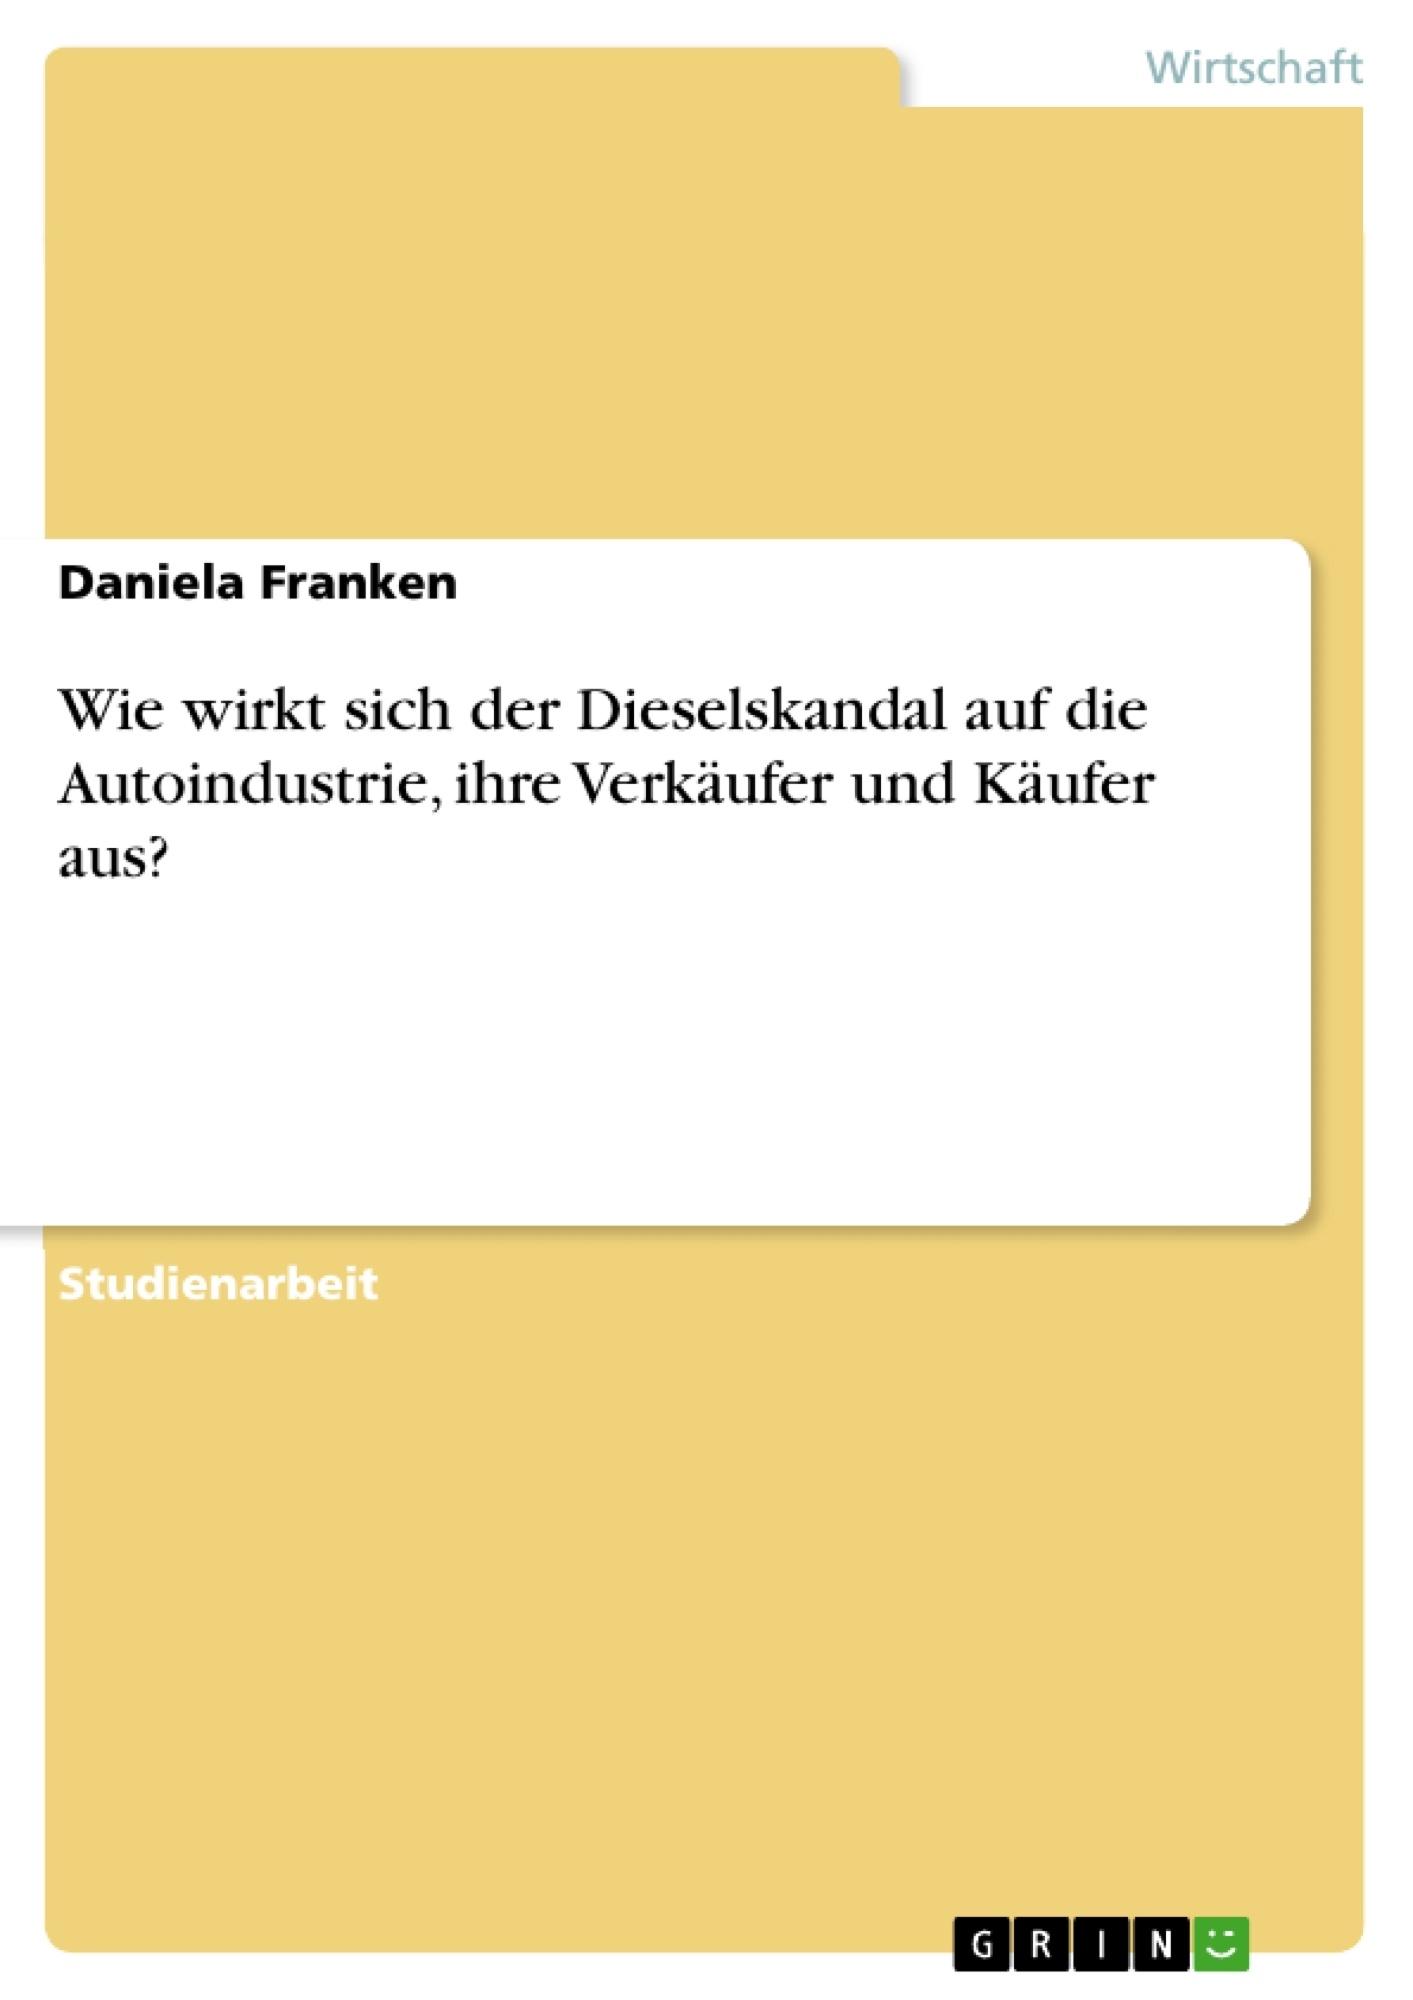 Titel: Wie wirkt sich der Dieselskandal auf die Autoindustrie, ihre Verkäufer und Käufer aus?